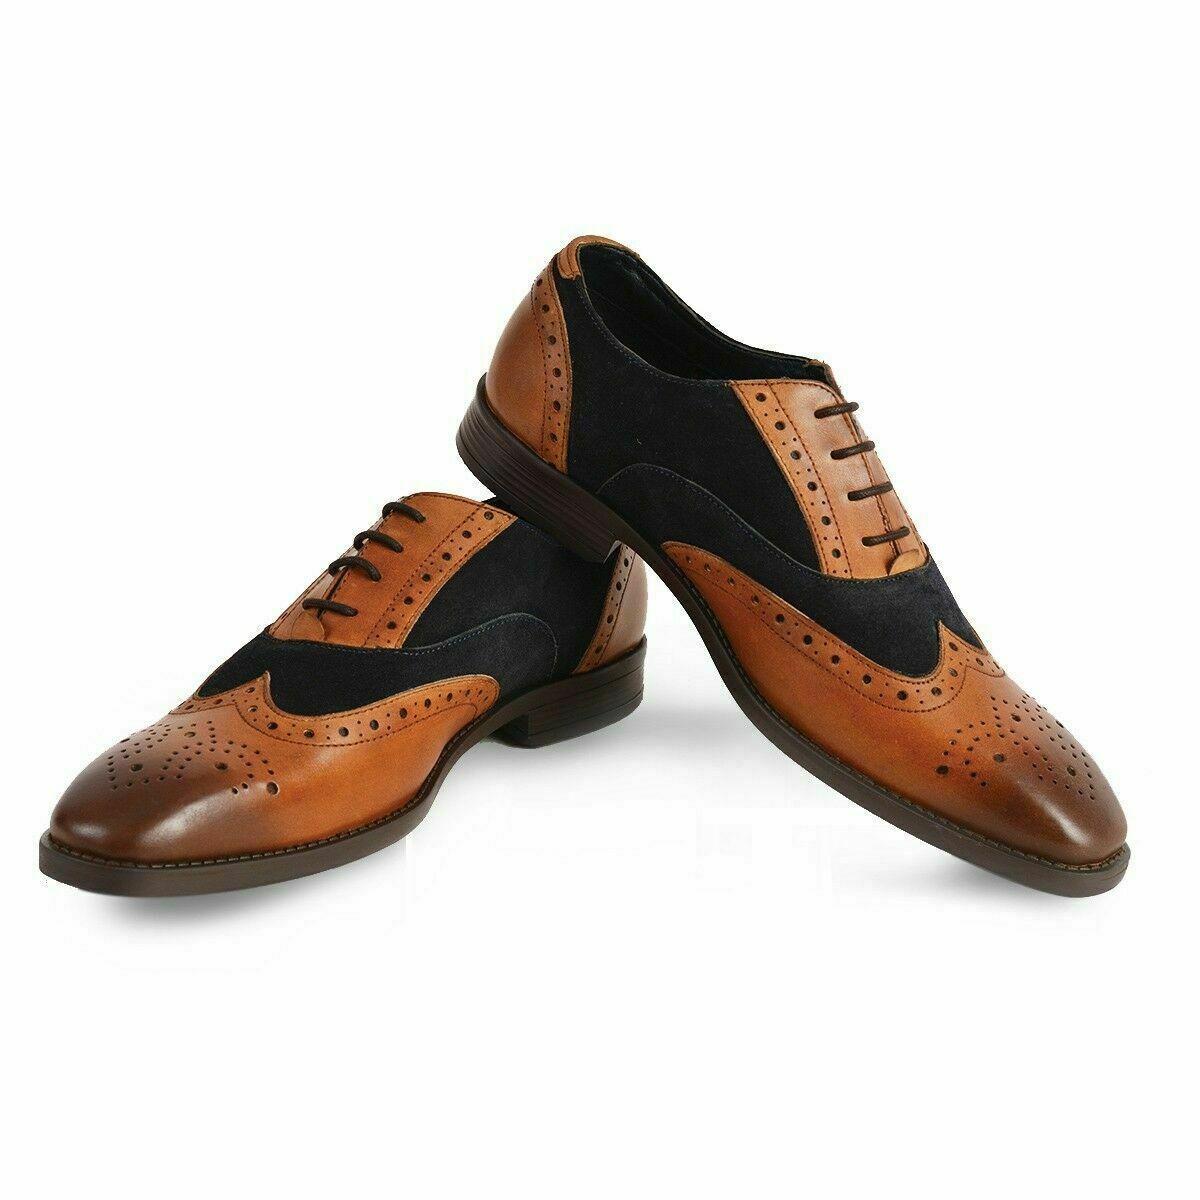 Hommes Fait main Cuir Tan & Daim Noir Oxford Brogue Des chaussures